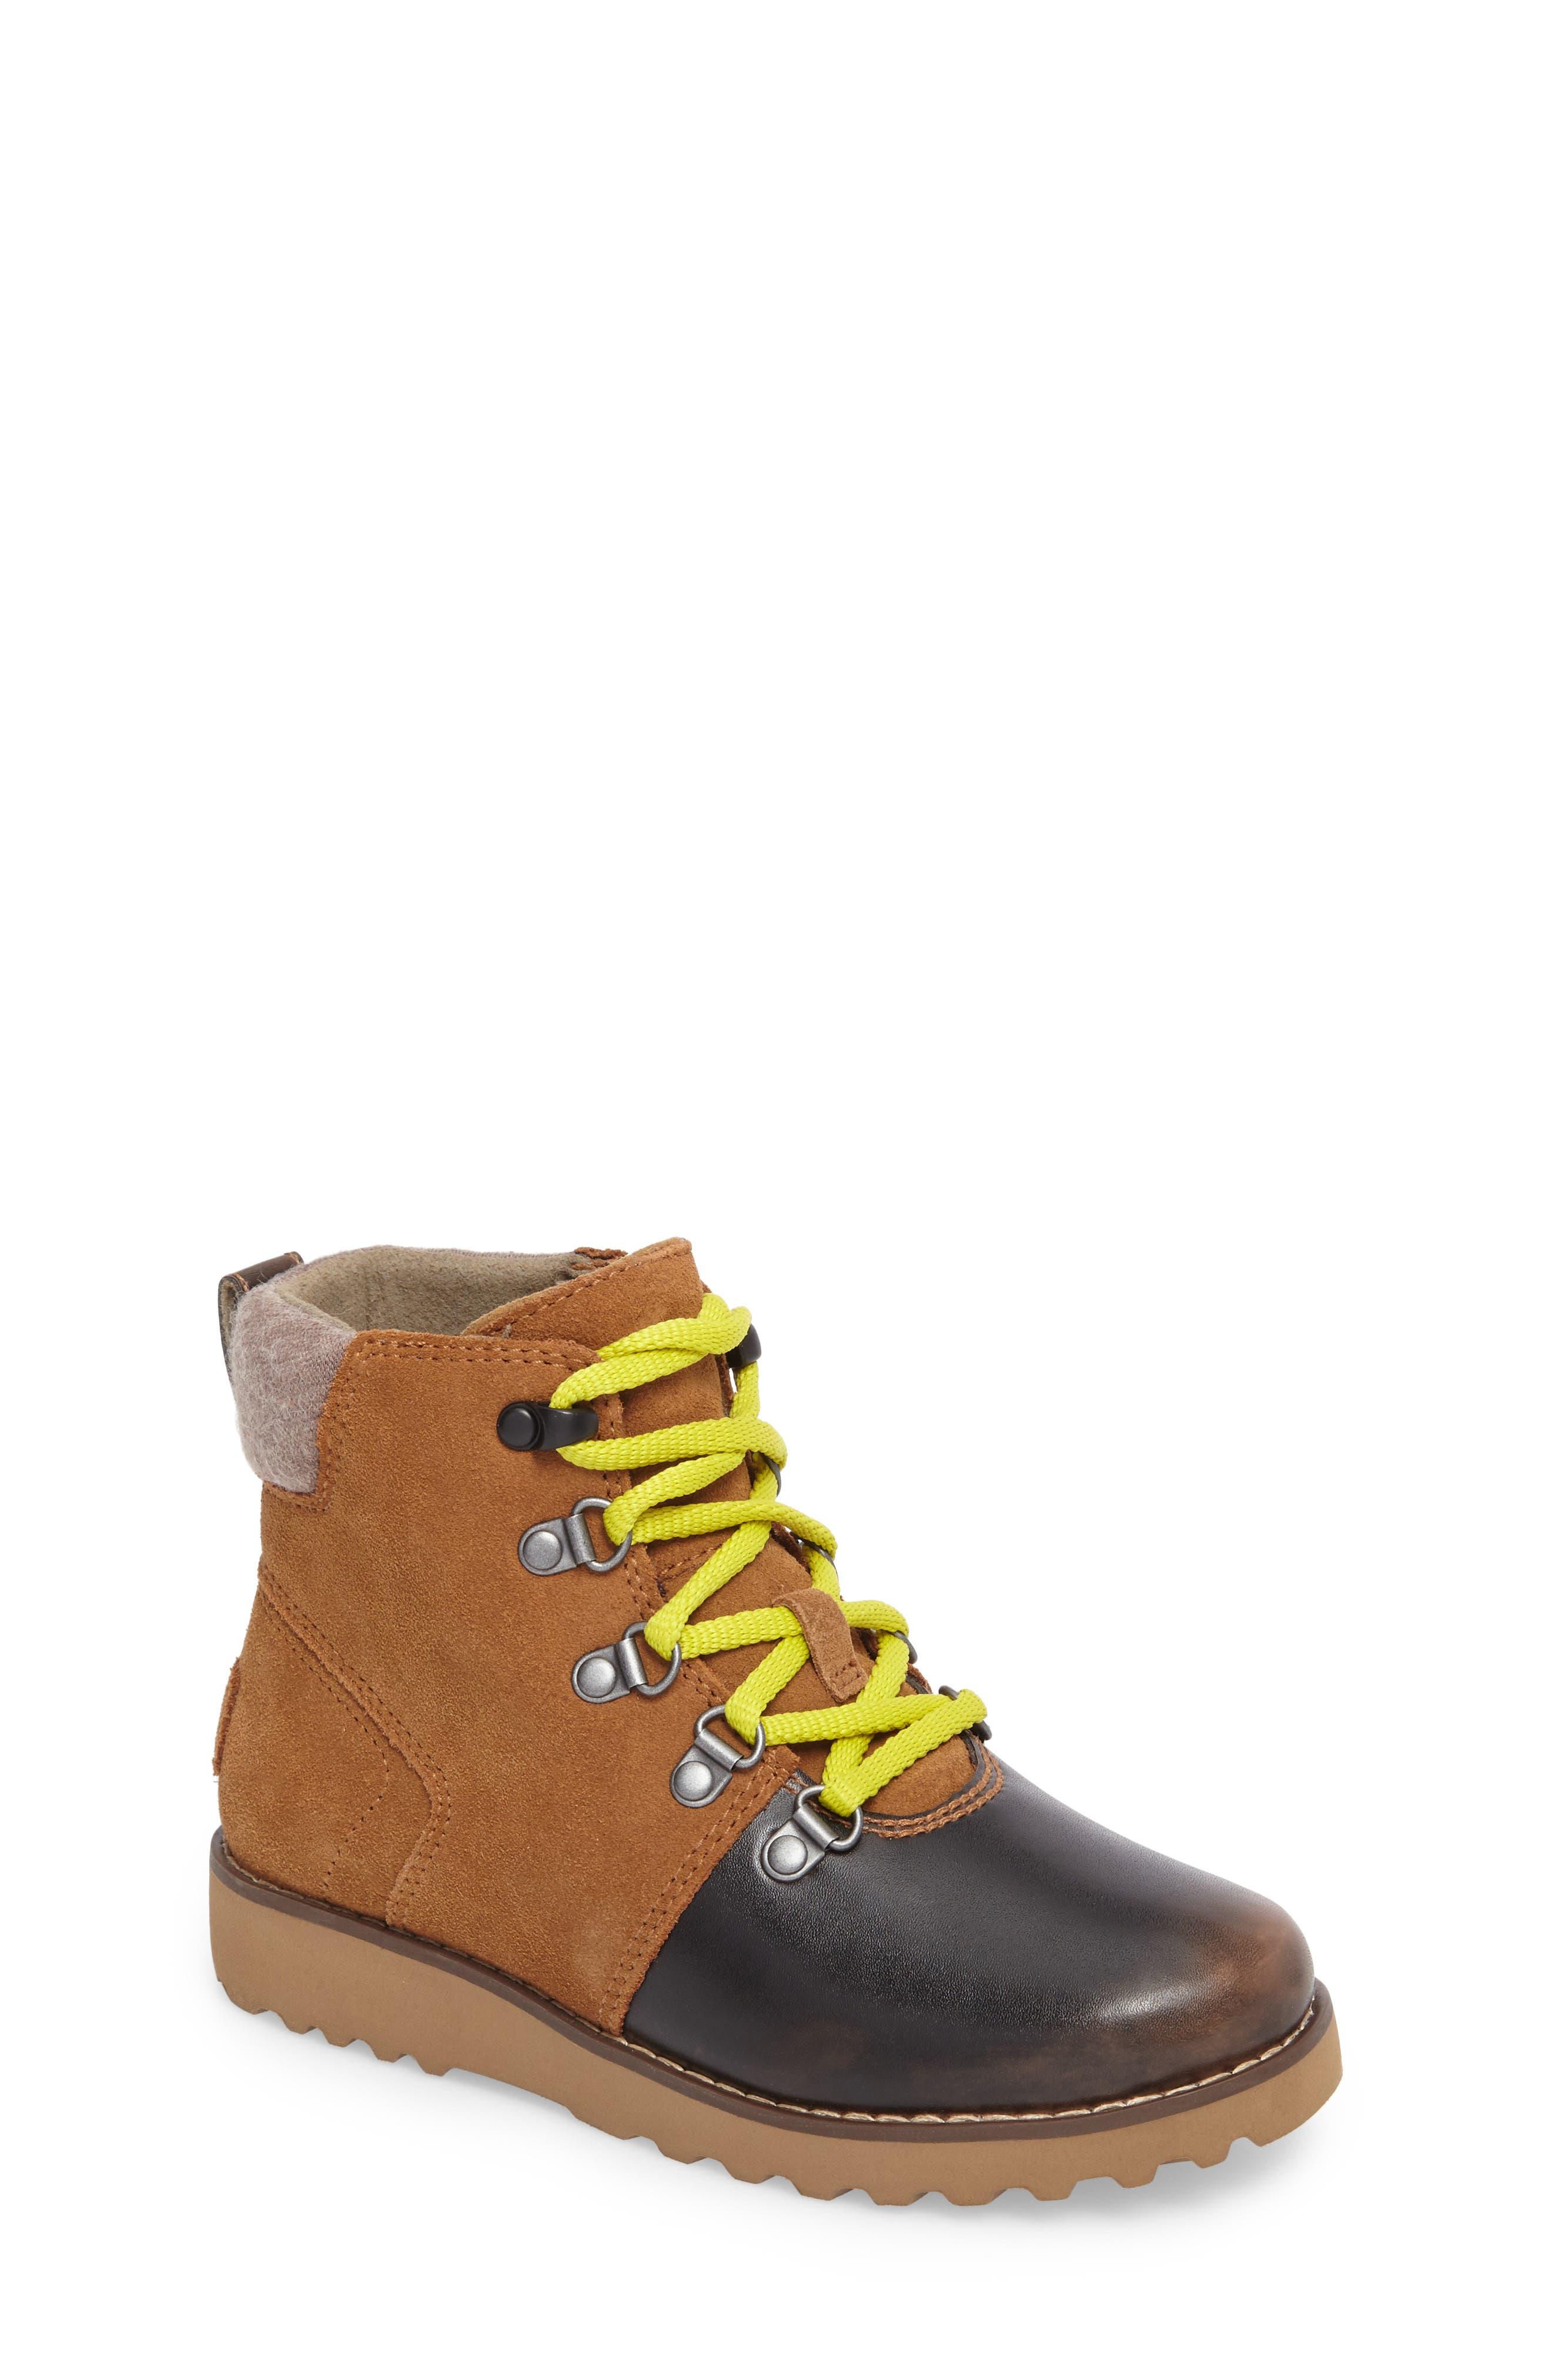 Main Image - UGG® Hilmar Waterproof Winter Hiking Boot (Toddler, Little Kid & Big Kid)